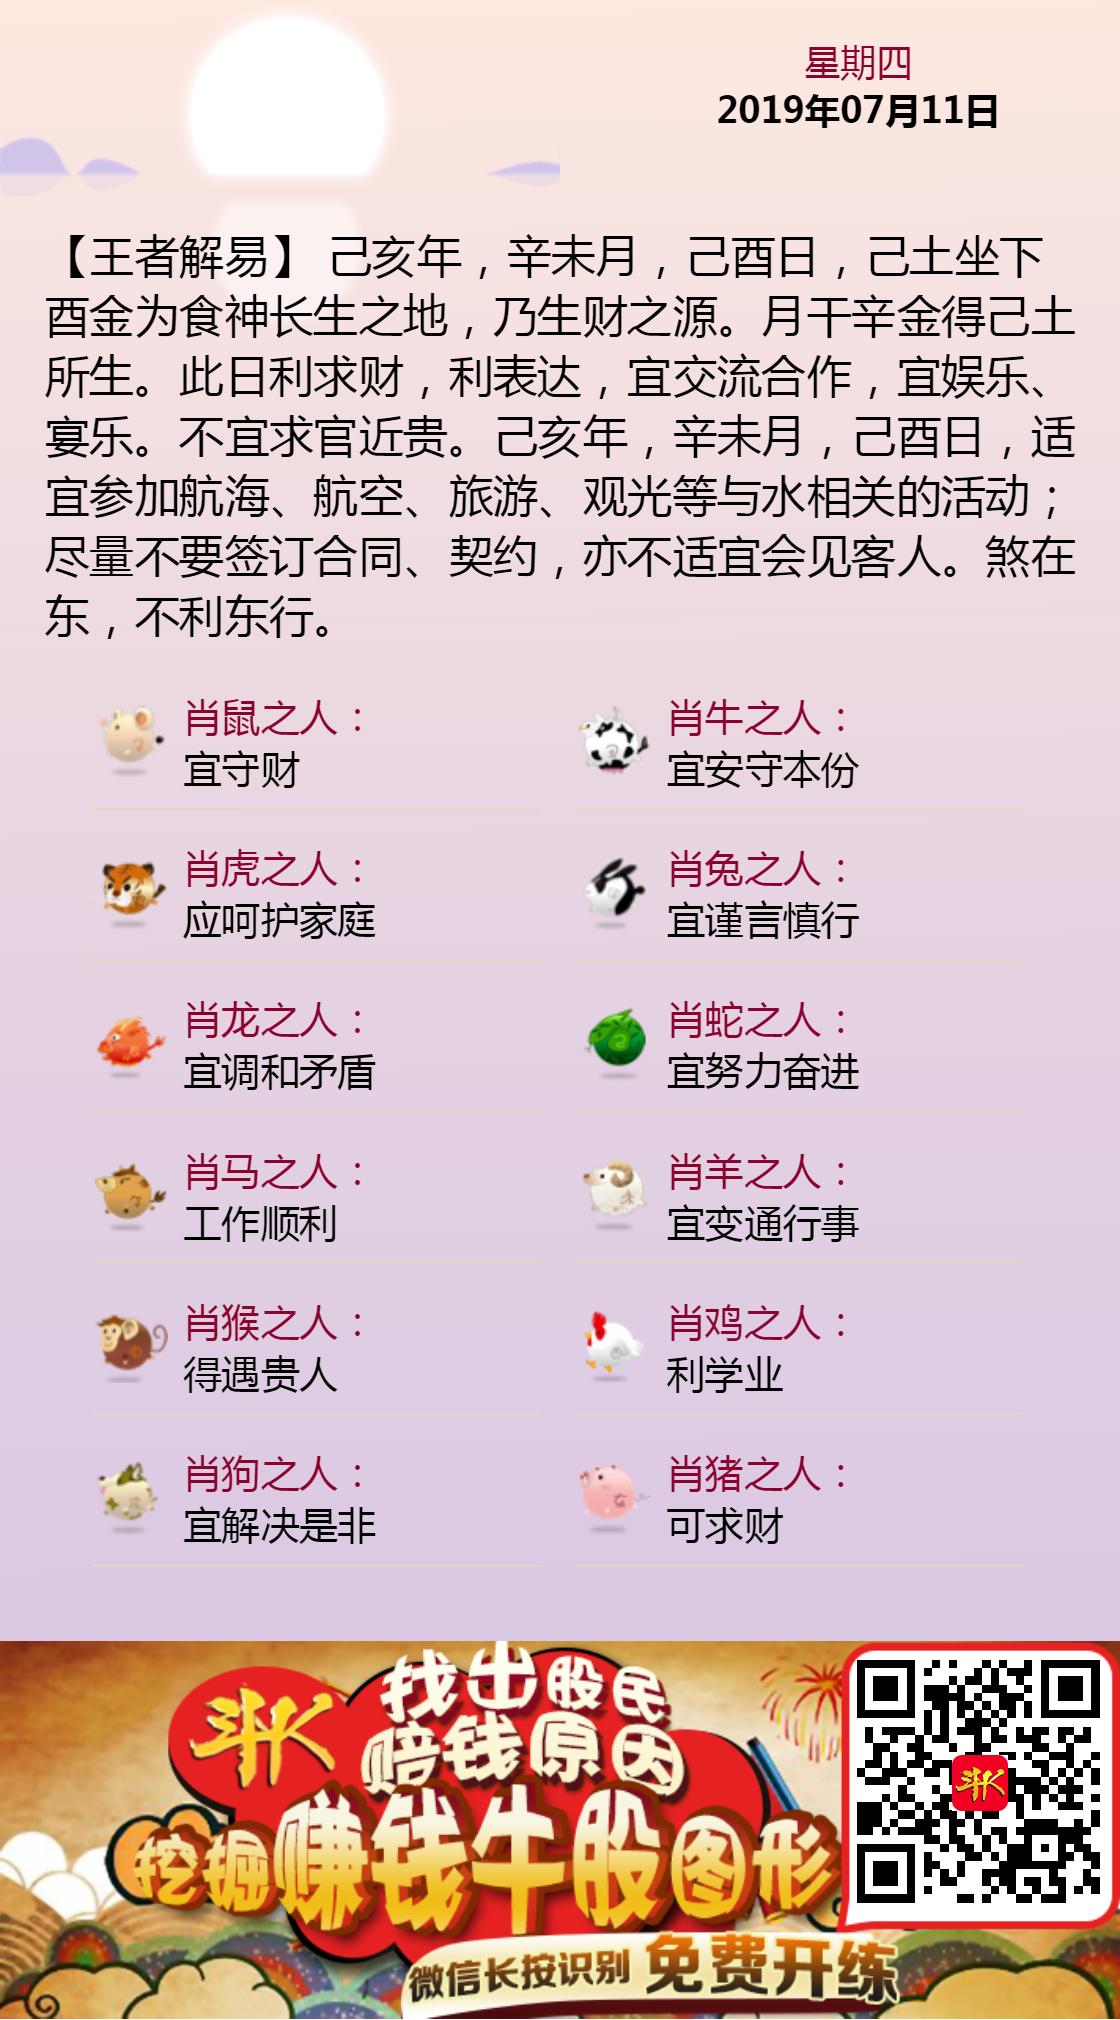 2019.7.11黄历斗K.png